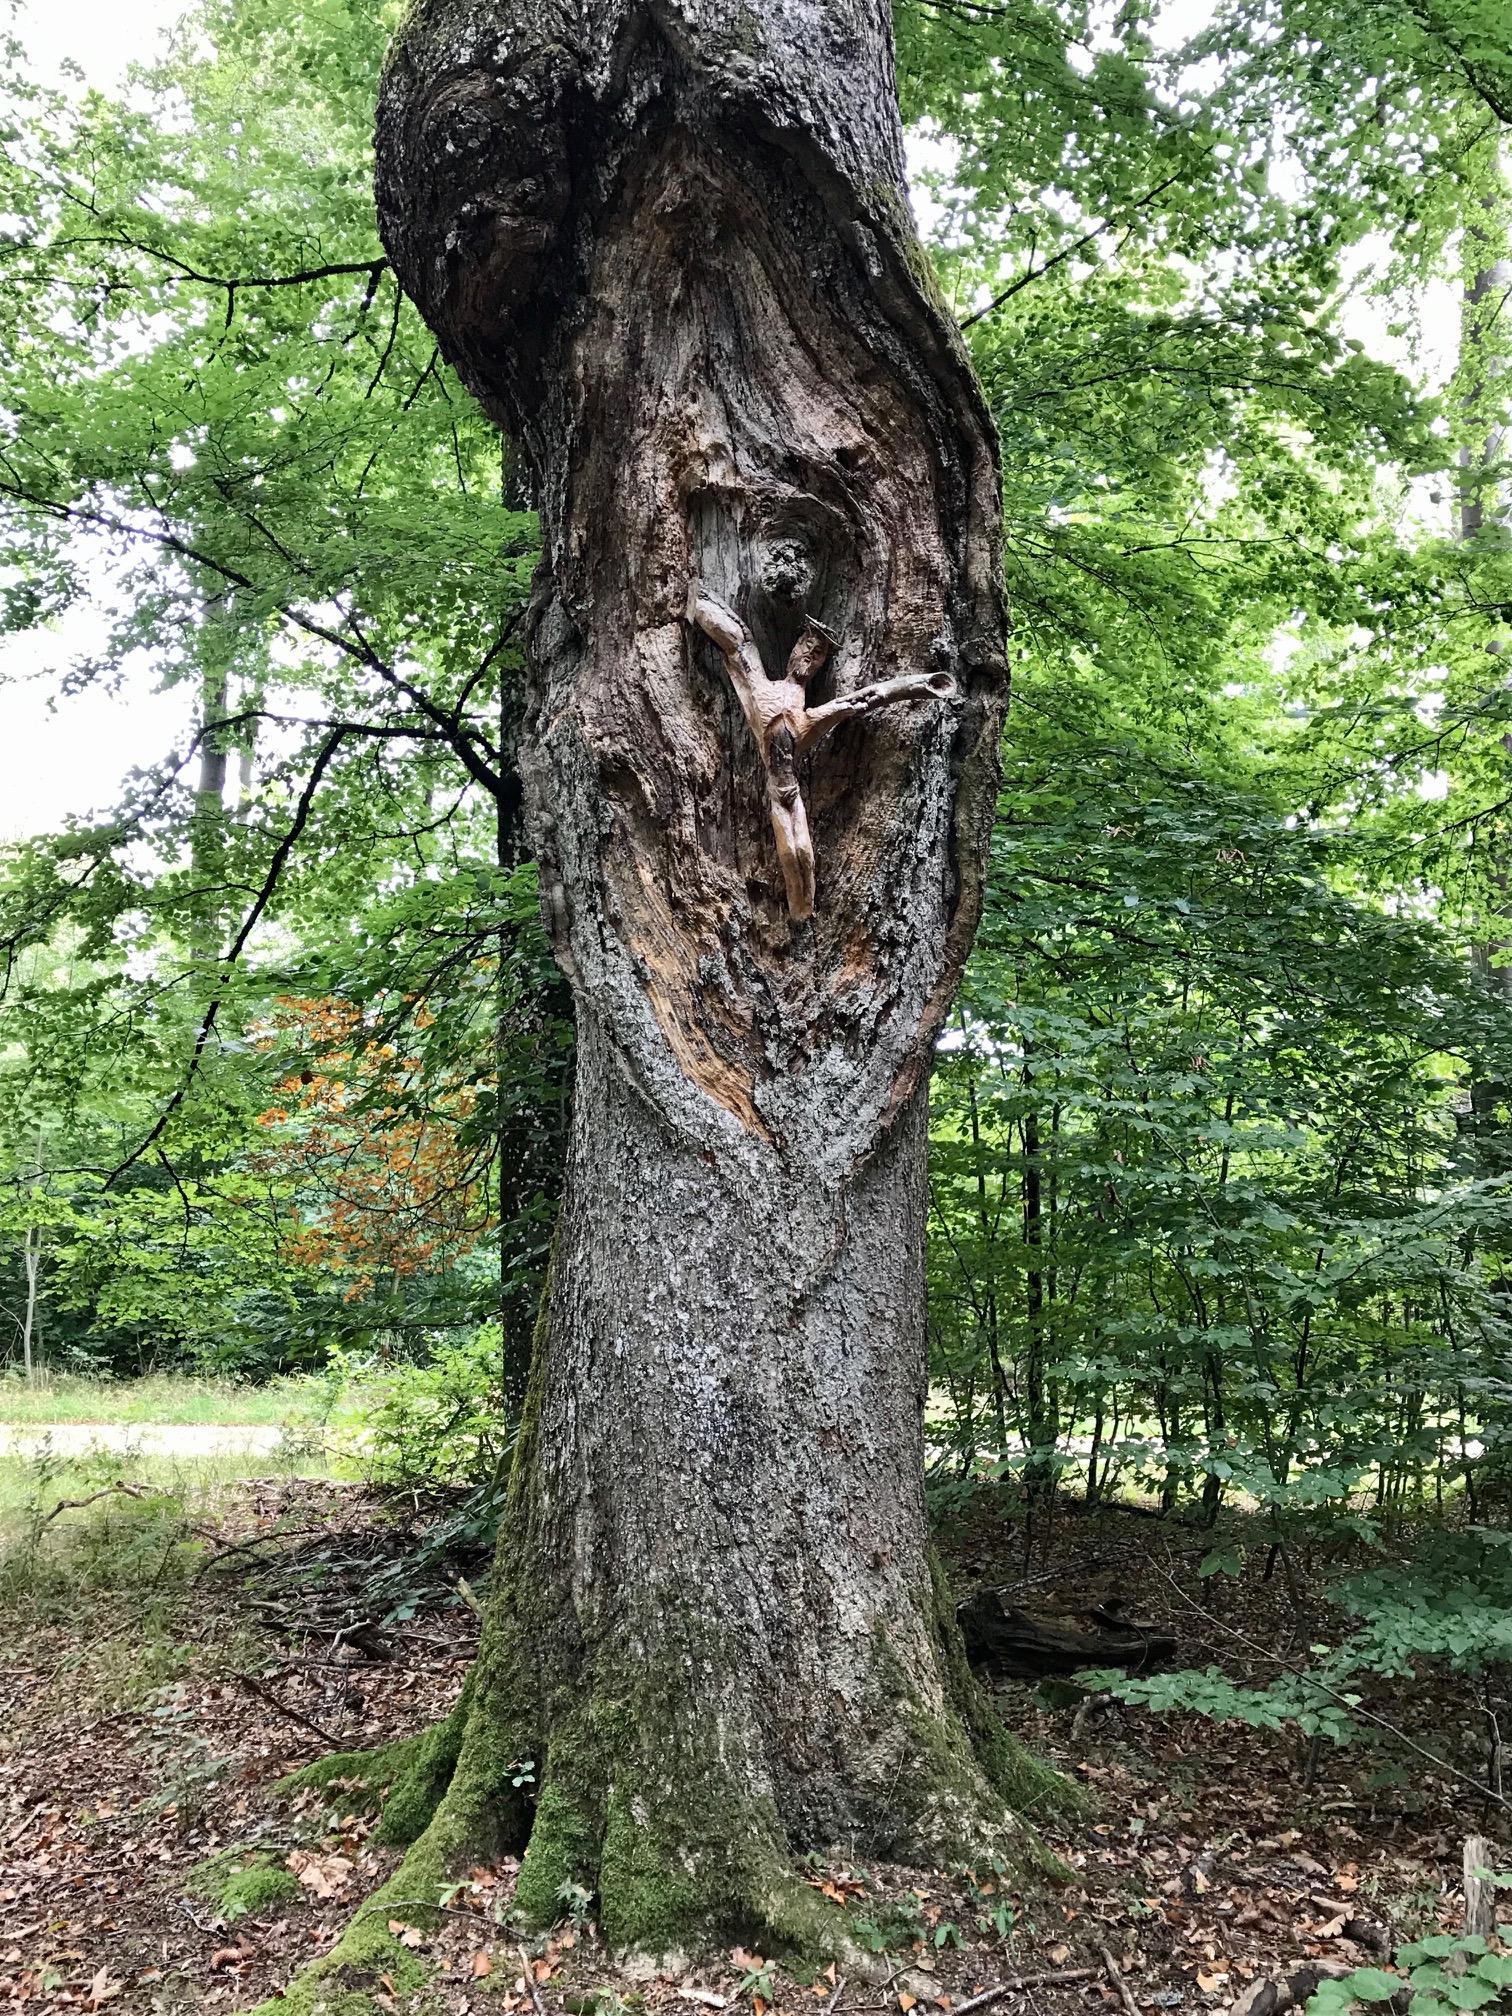 Jesus-Figur im Baumstamm, Albsteig HW1 Etappe 4 nach Heubach